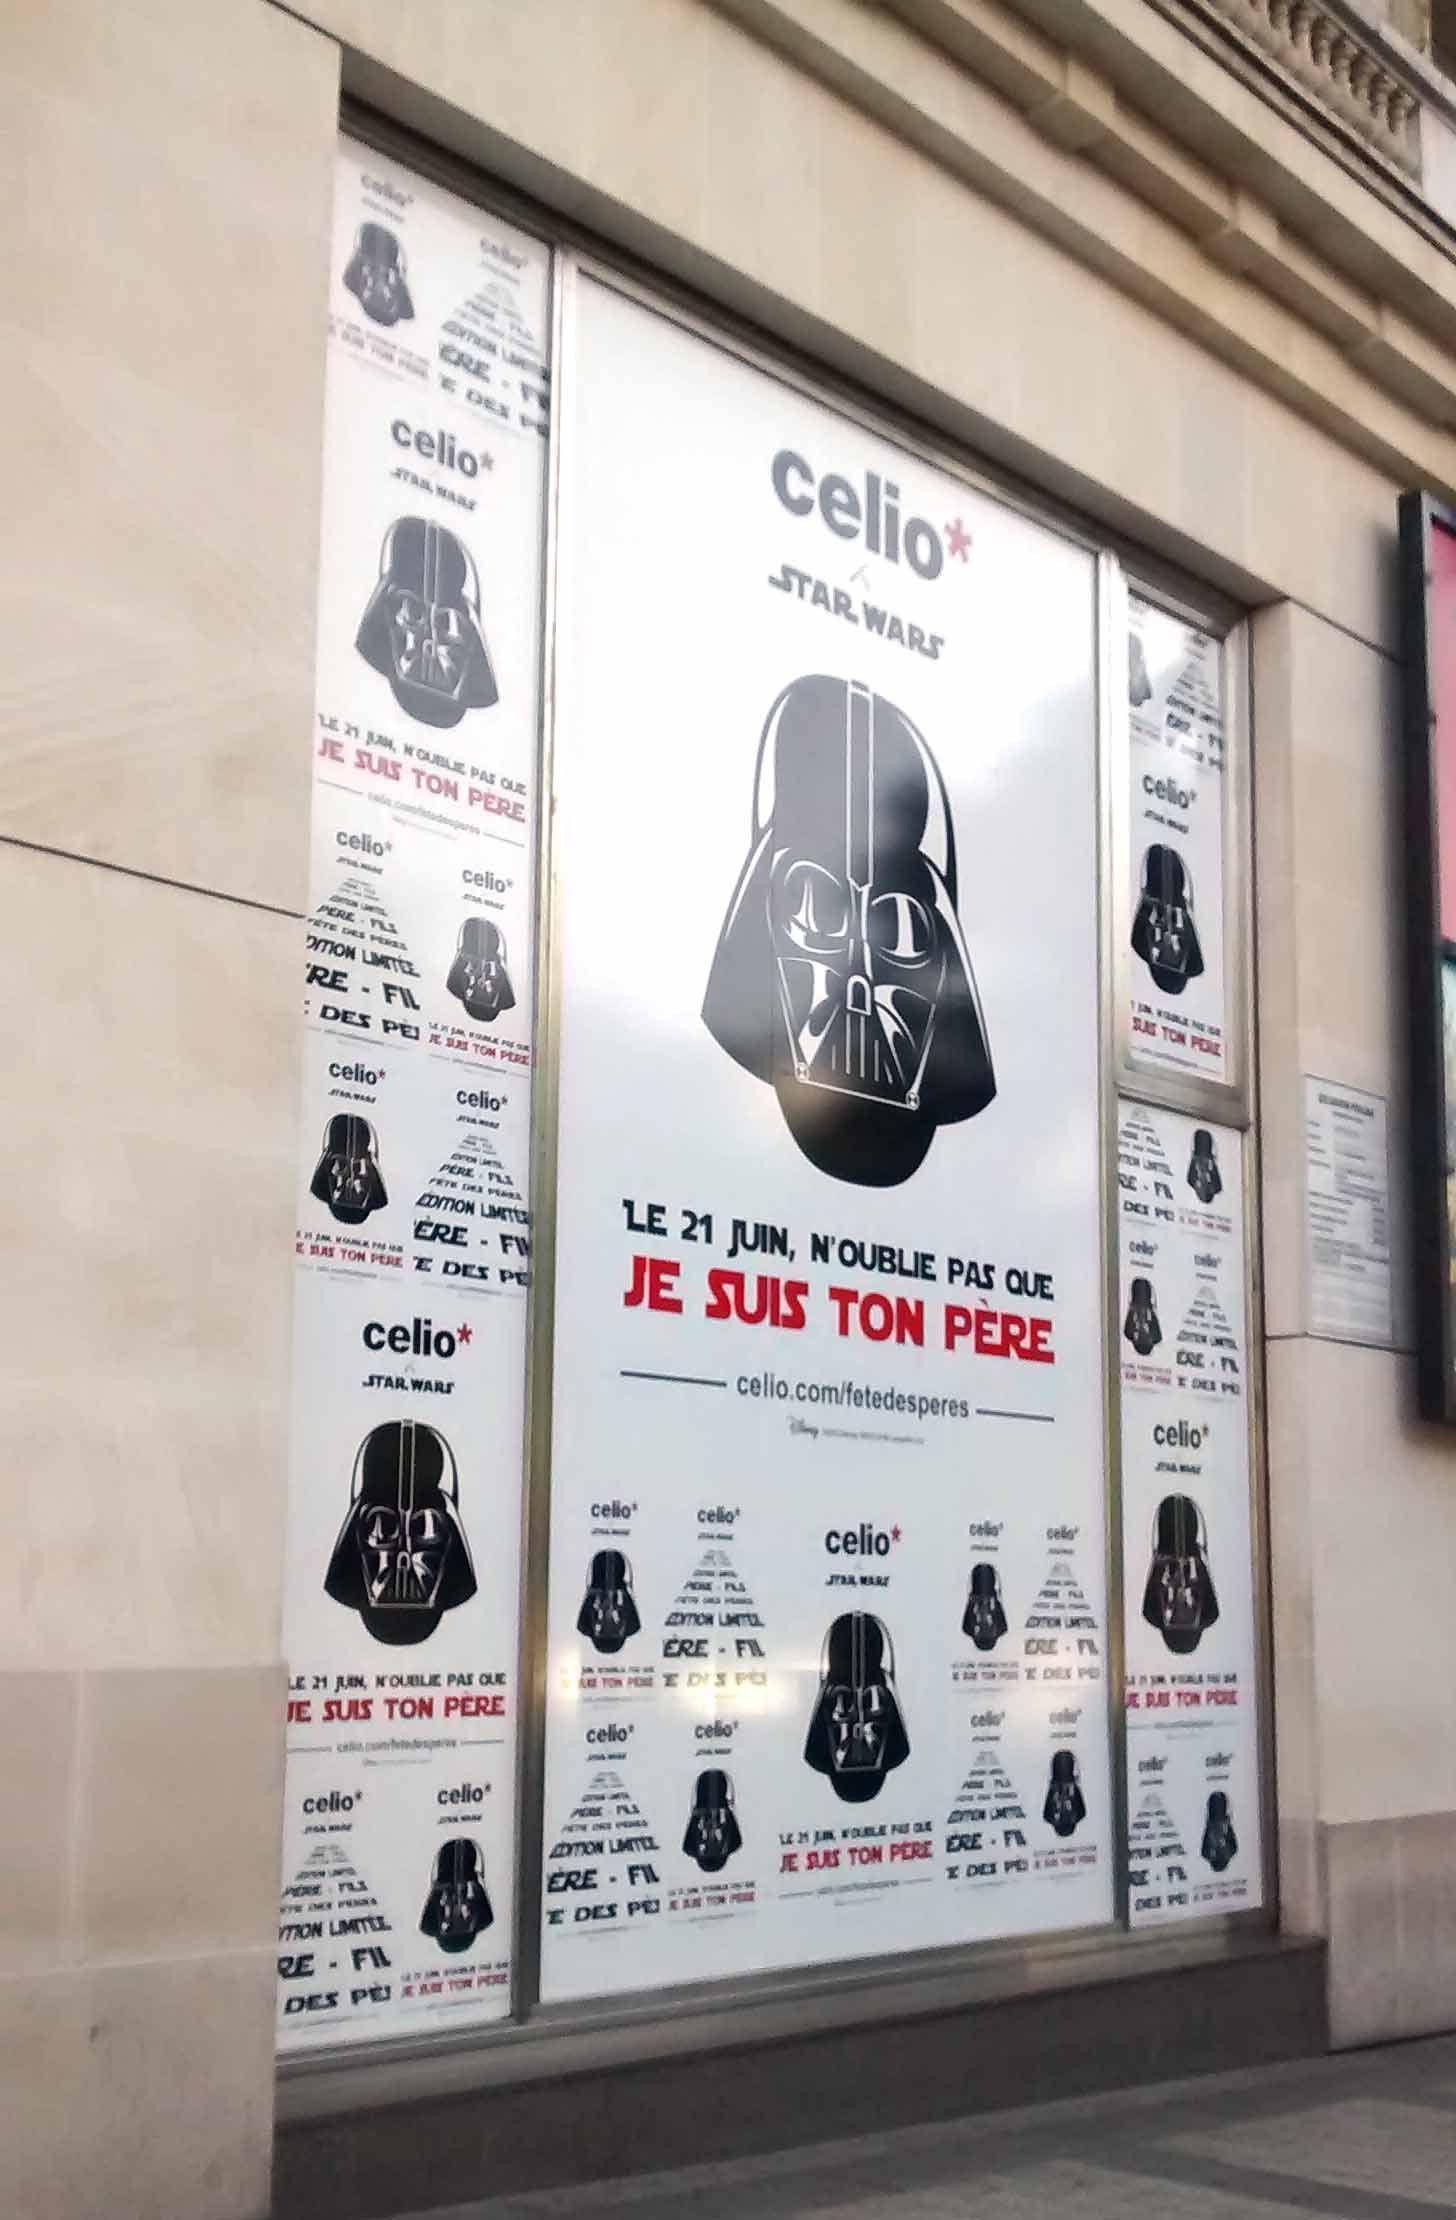 Celio Vitrine Fetedesperes Paris Juin 2015 Avec Images Vitrine Vitrine Magasin Celio